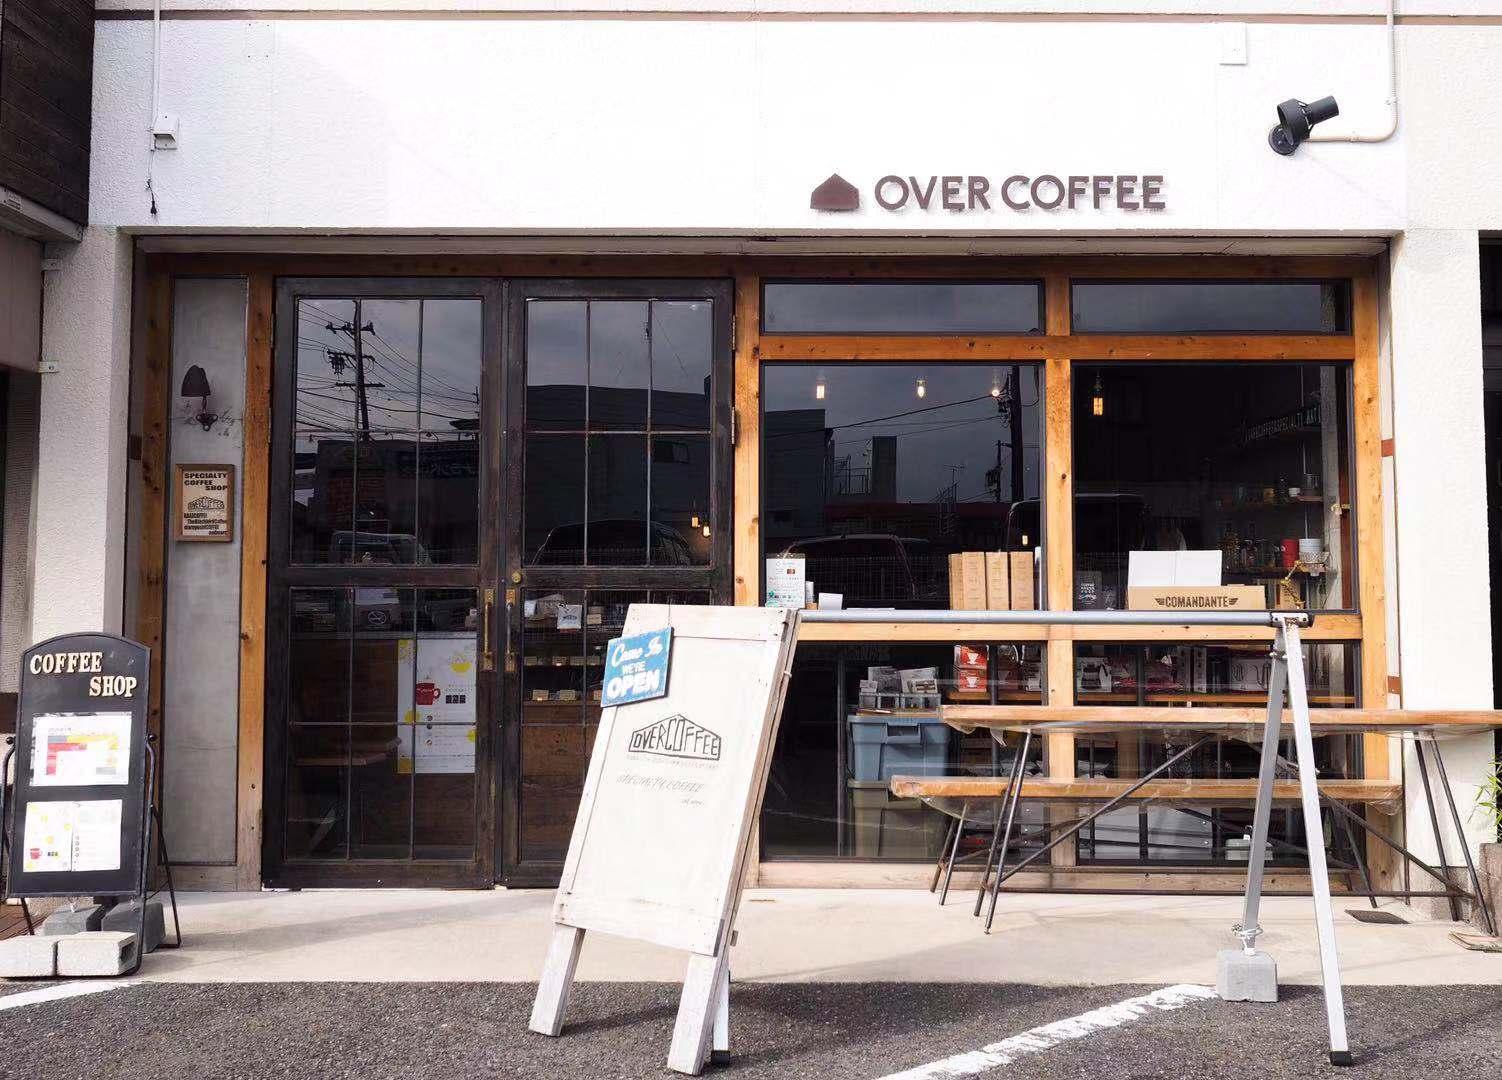 津島のコーヒーセレクトショップ「OVERCOFFEE」で見つけるお気に入りの一杯 - over13